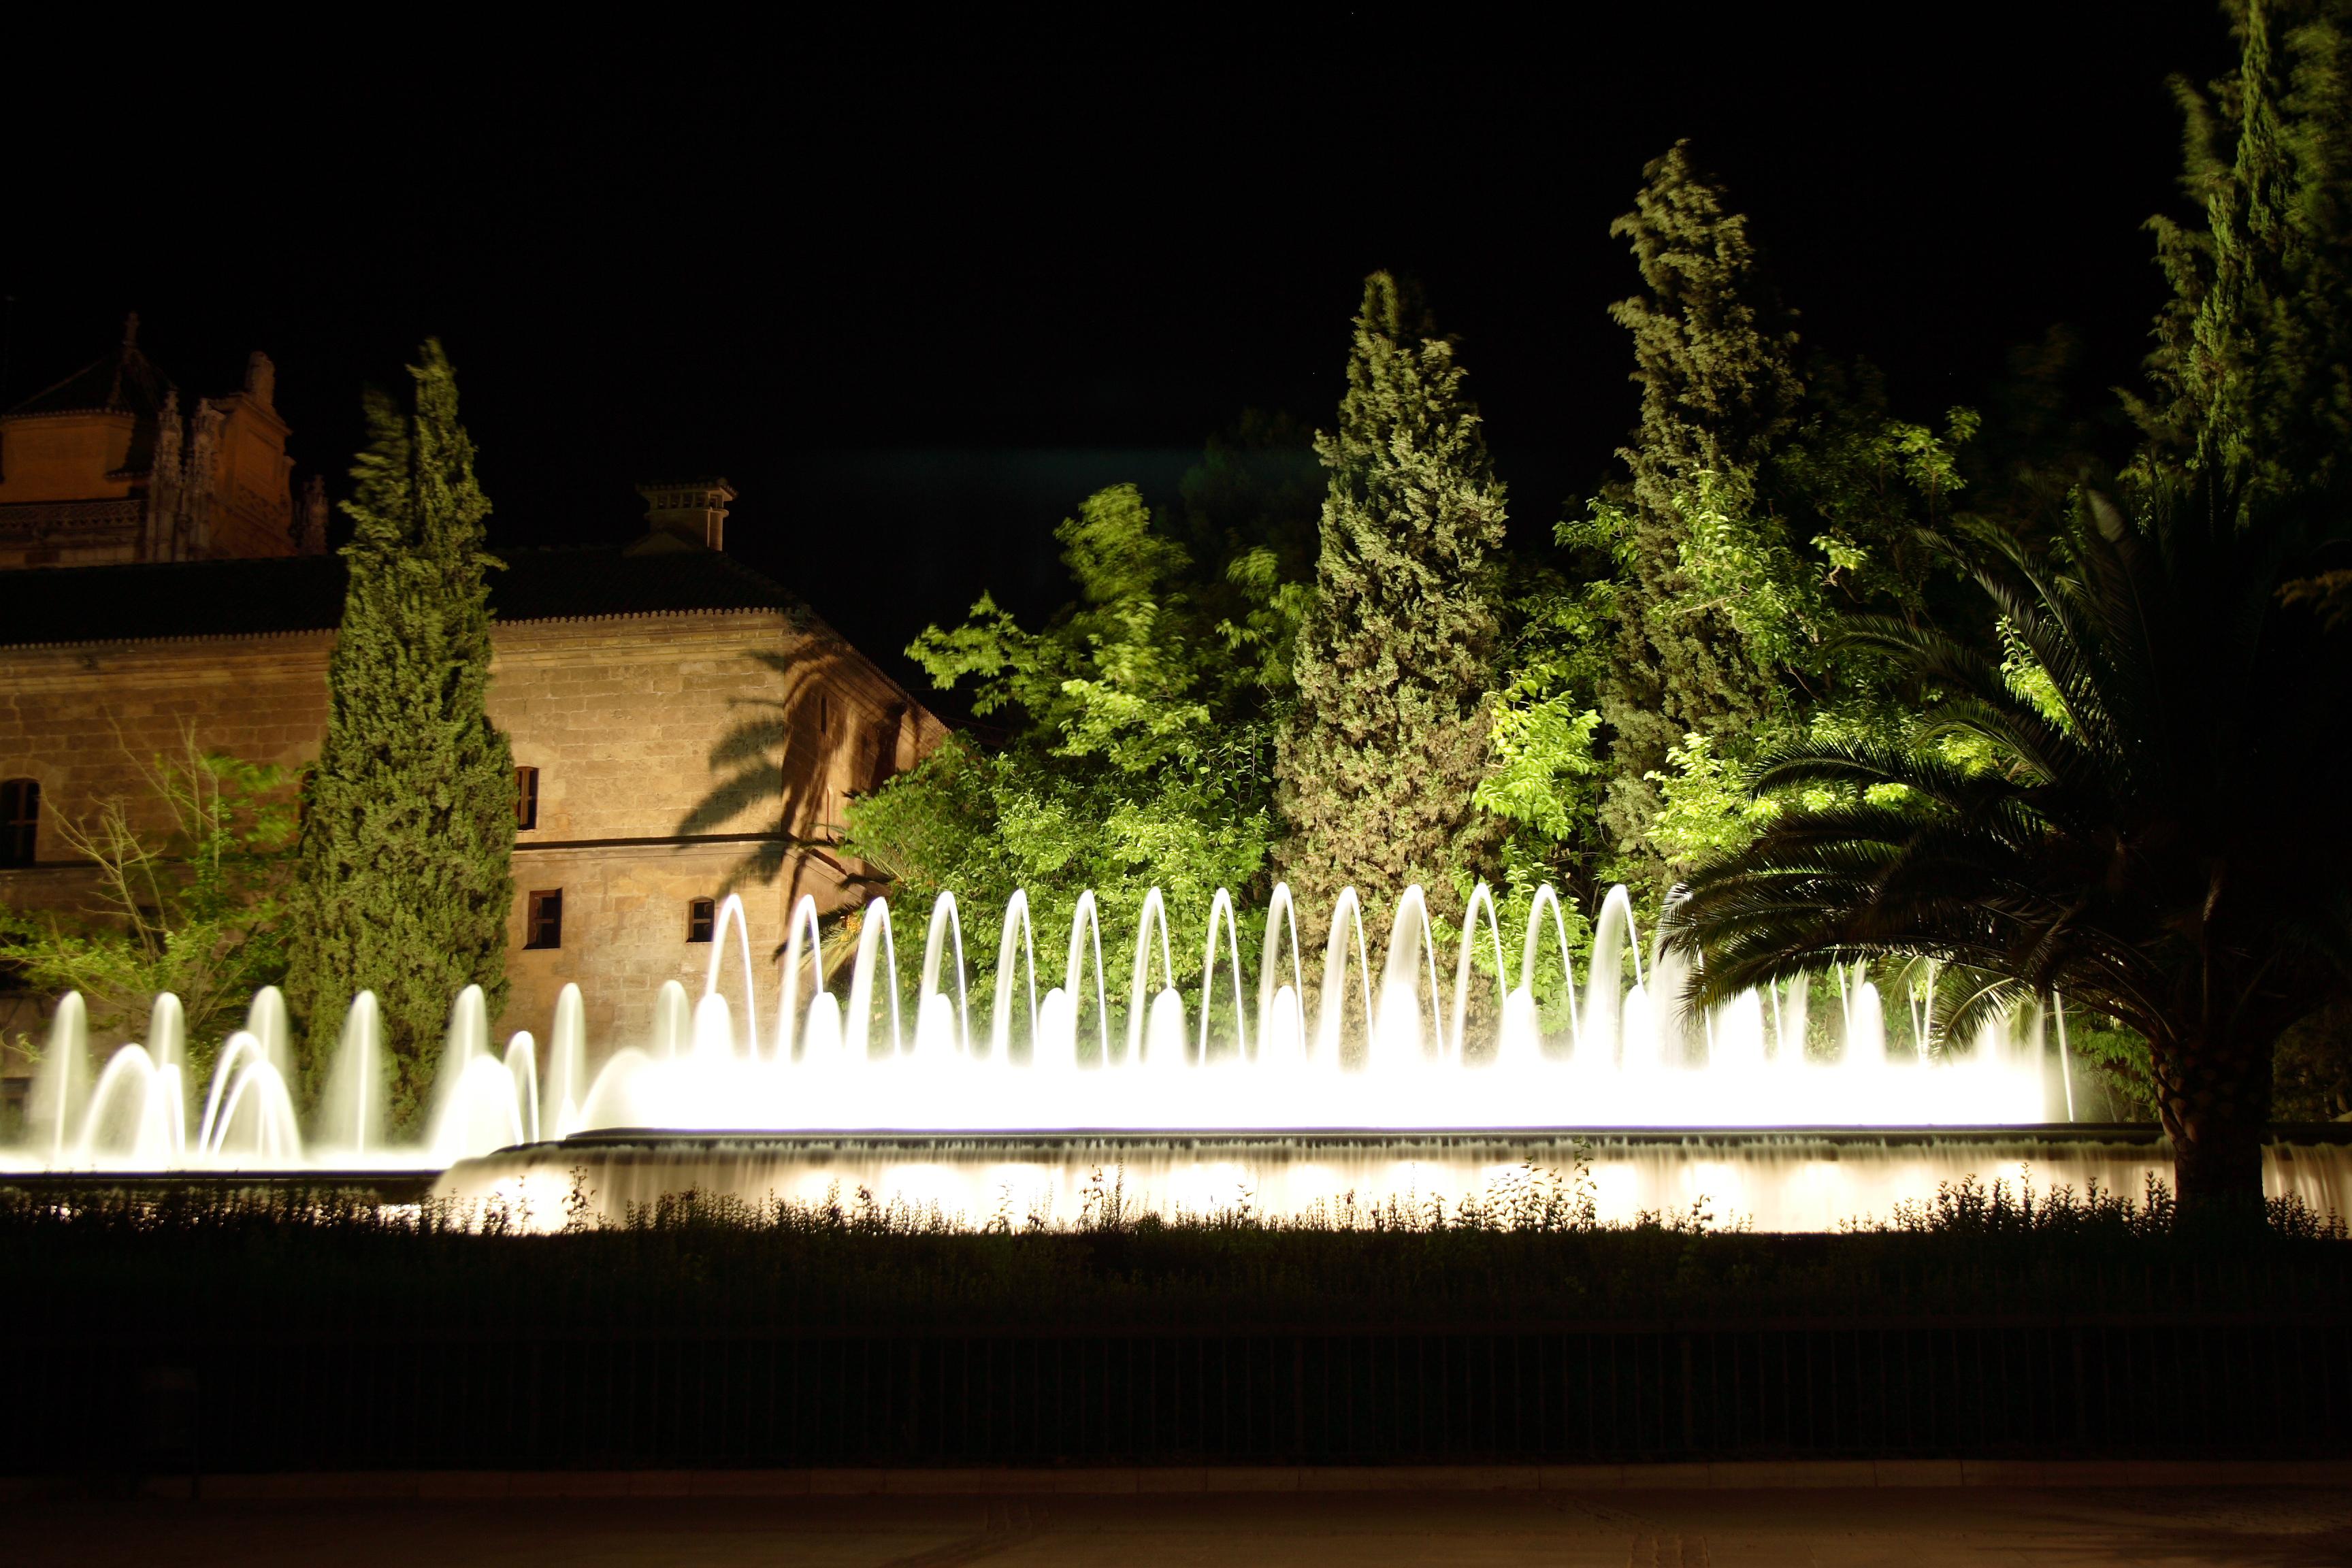 One of Granadas more impressive fountains in Plaza Triunfo